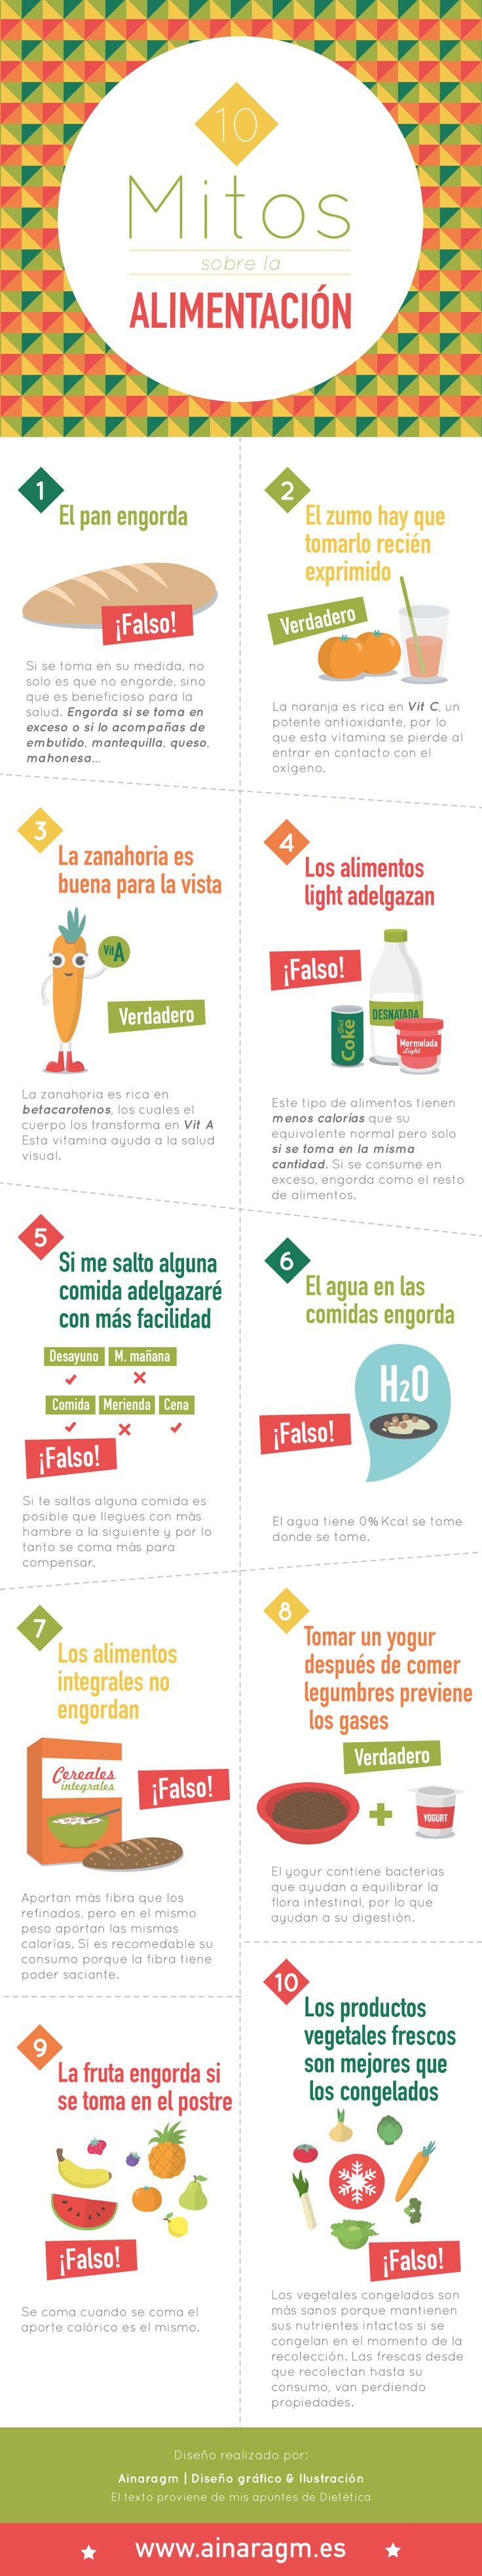 Infografía sobre los mitos en la alimentación #salud #alimentacion #infografia #diseno #ilustracion